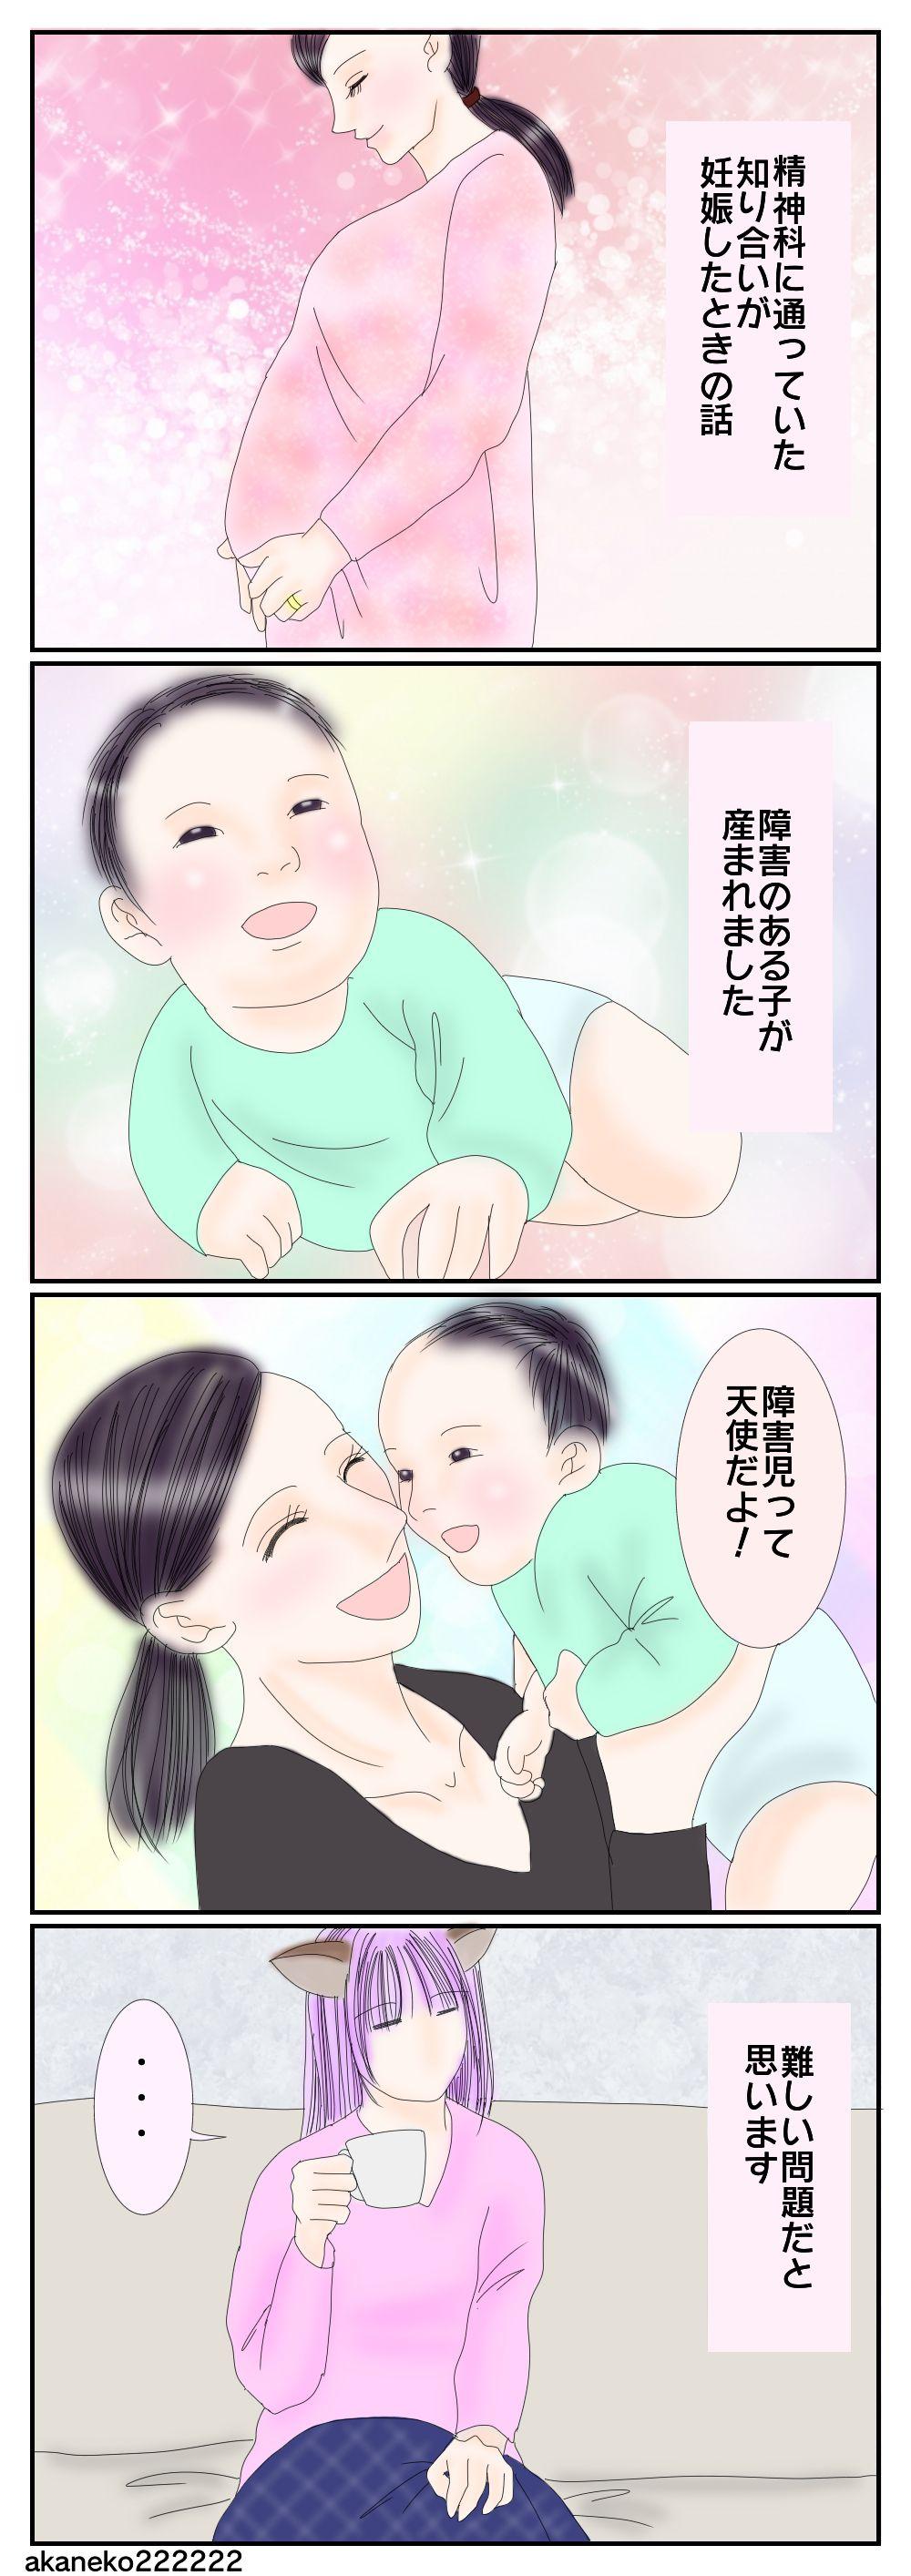 精神科の薬を飲んでいたら障害児が生まれた妊婦さんの四コマ漫画